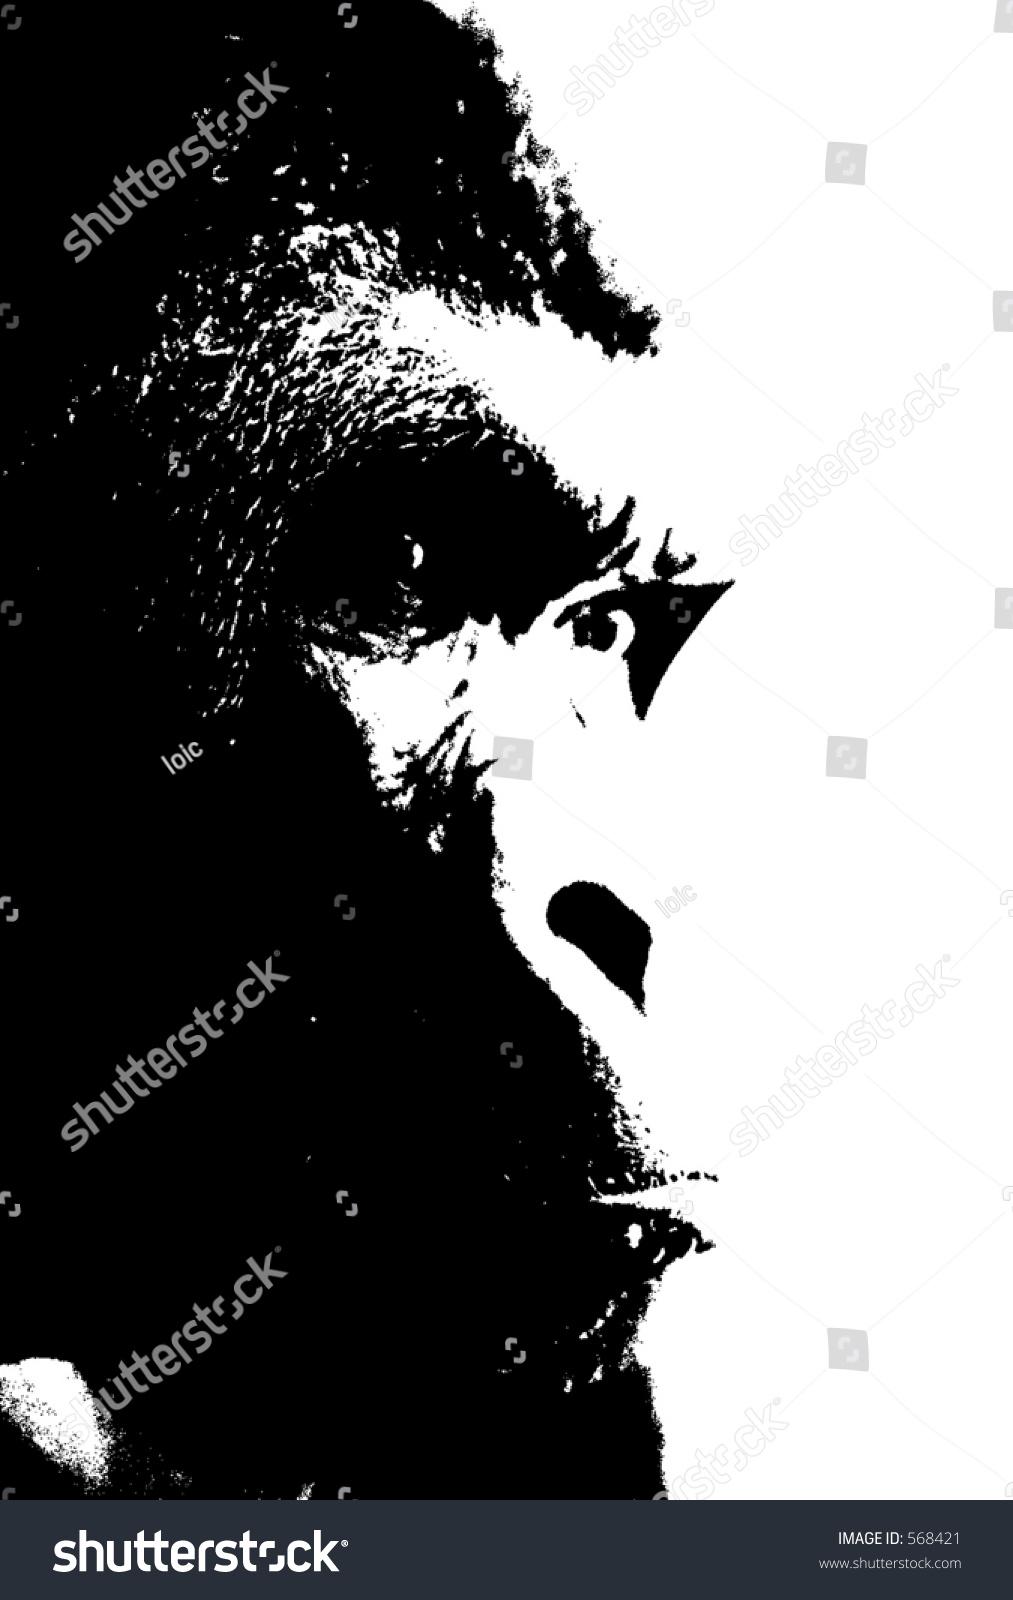 Gorilla face silhouette